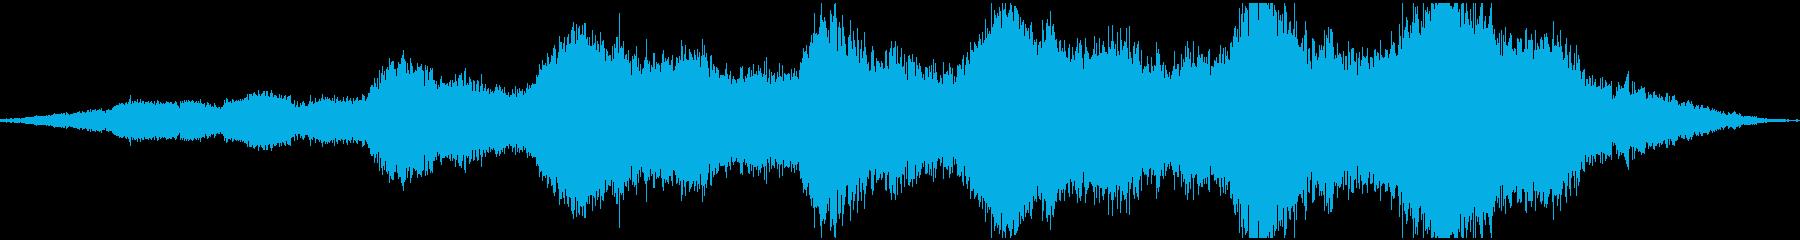 大気と静かなサウンドスケープ。の再生済みの波形